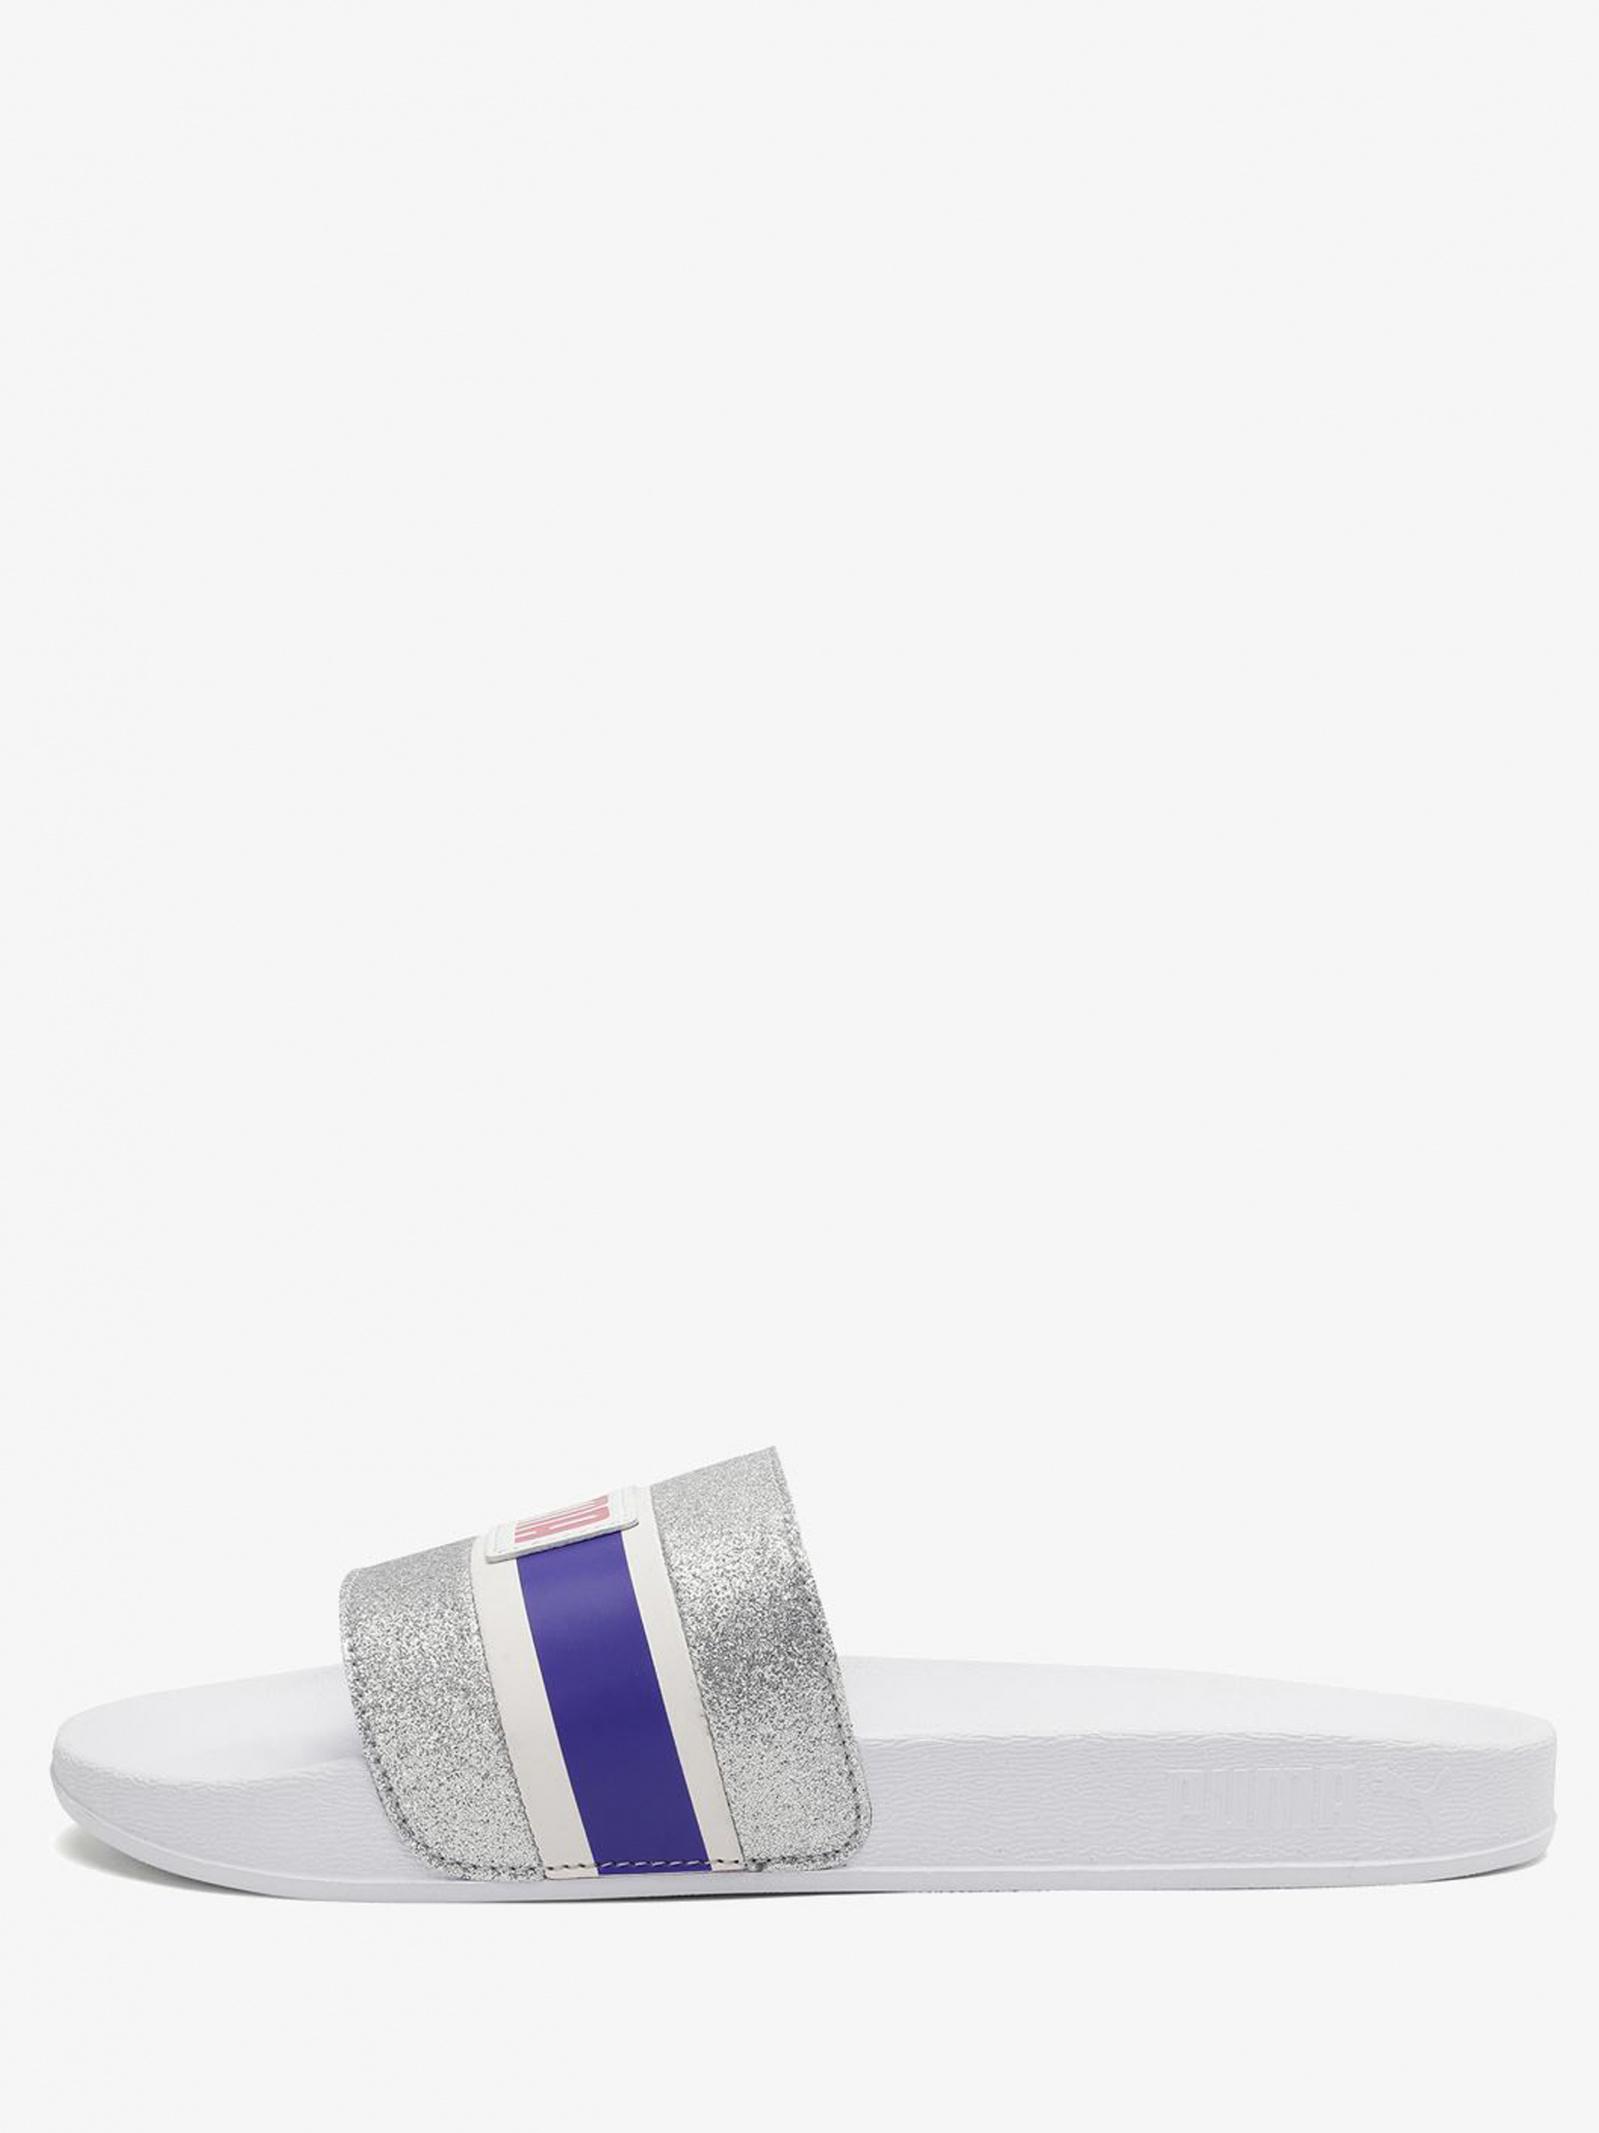 Шльопанці  для жінок PUMA Leadcat FTR 90s Pop Wns 37262402 розмірна сітка взуття, 2017